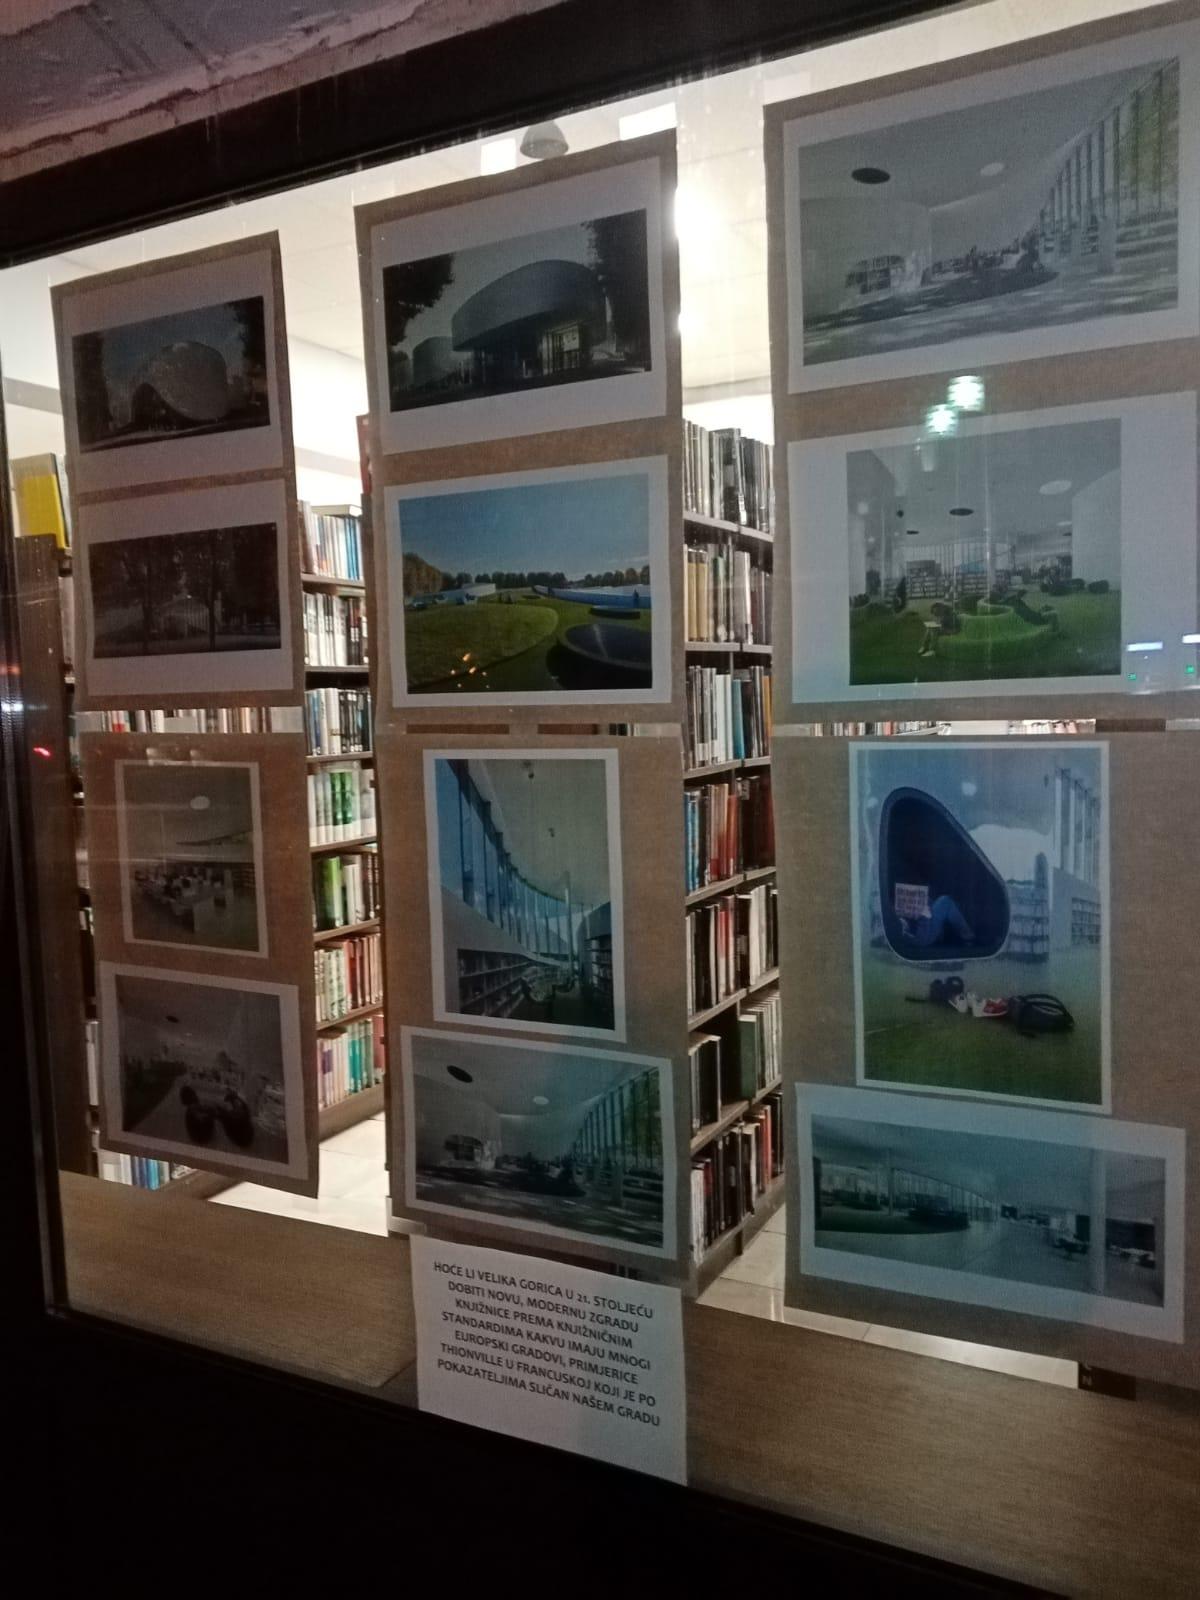 135 godina čitanja – 135 razloga za novu zgradu knjižnice – izložba